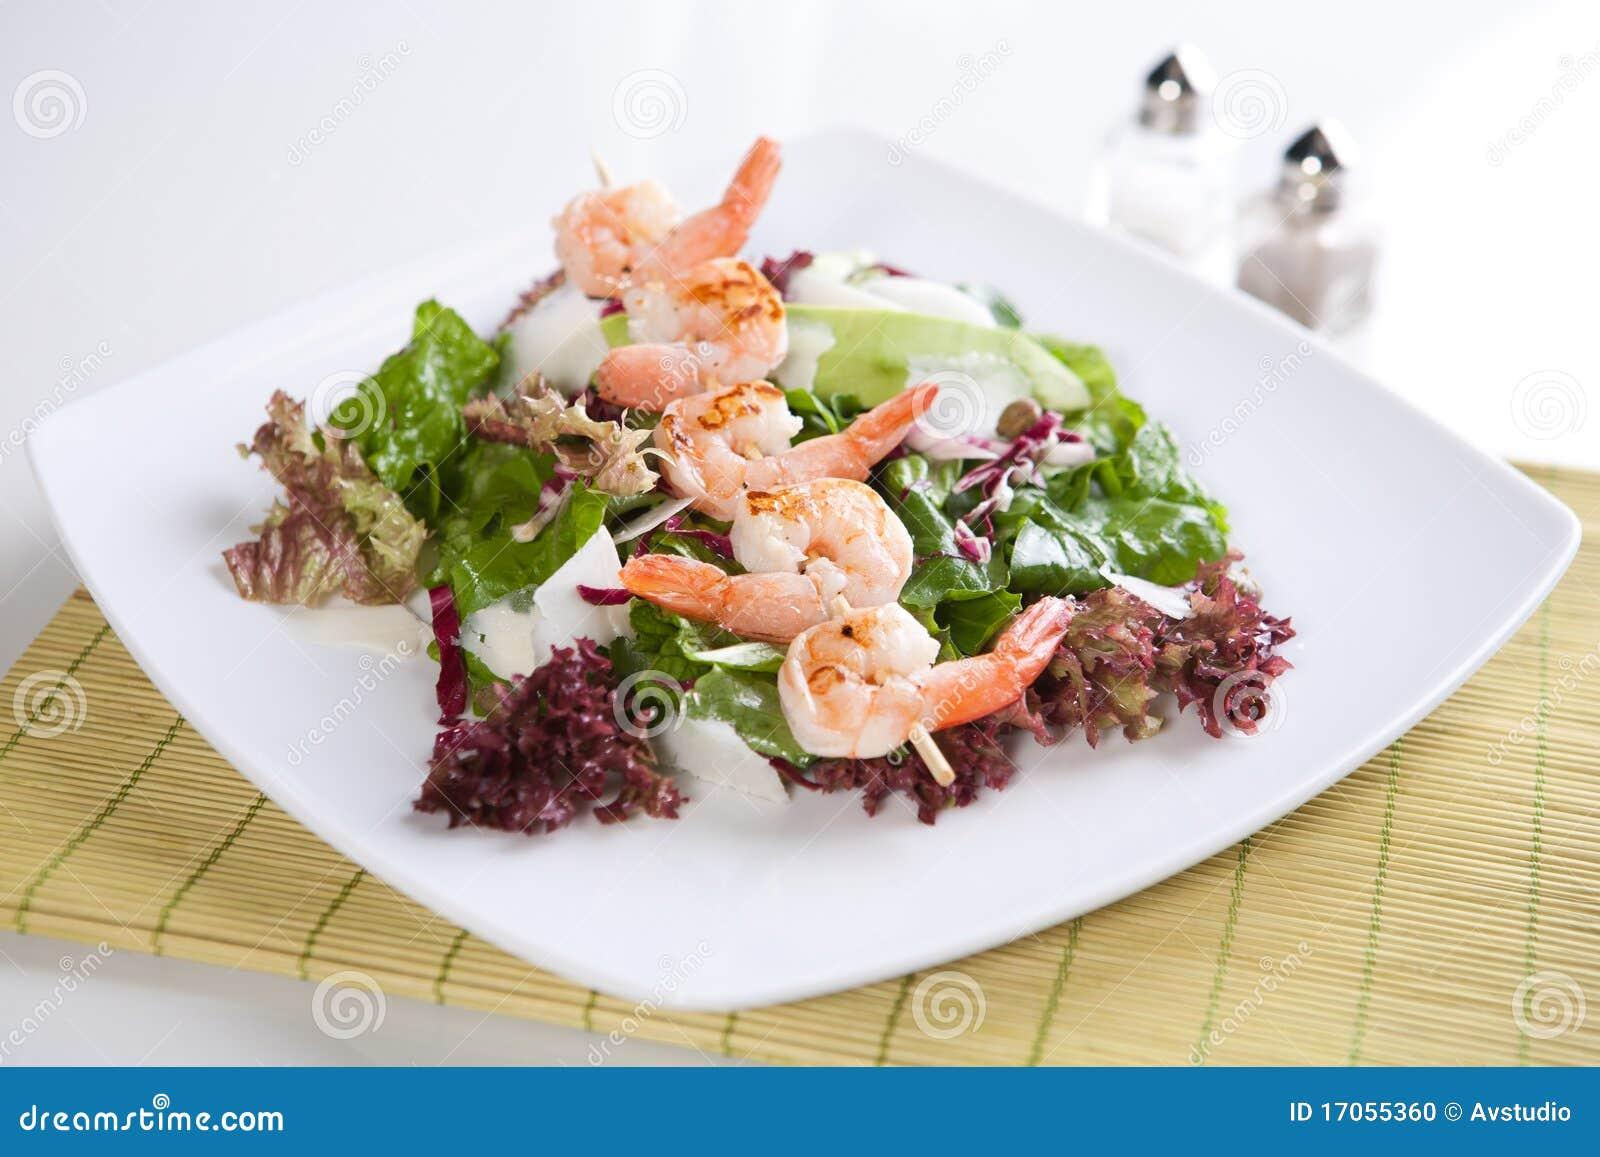 Φρέσκια πράσινη σαλάτα με τις ψημένες στη σχάρα γαρίδες